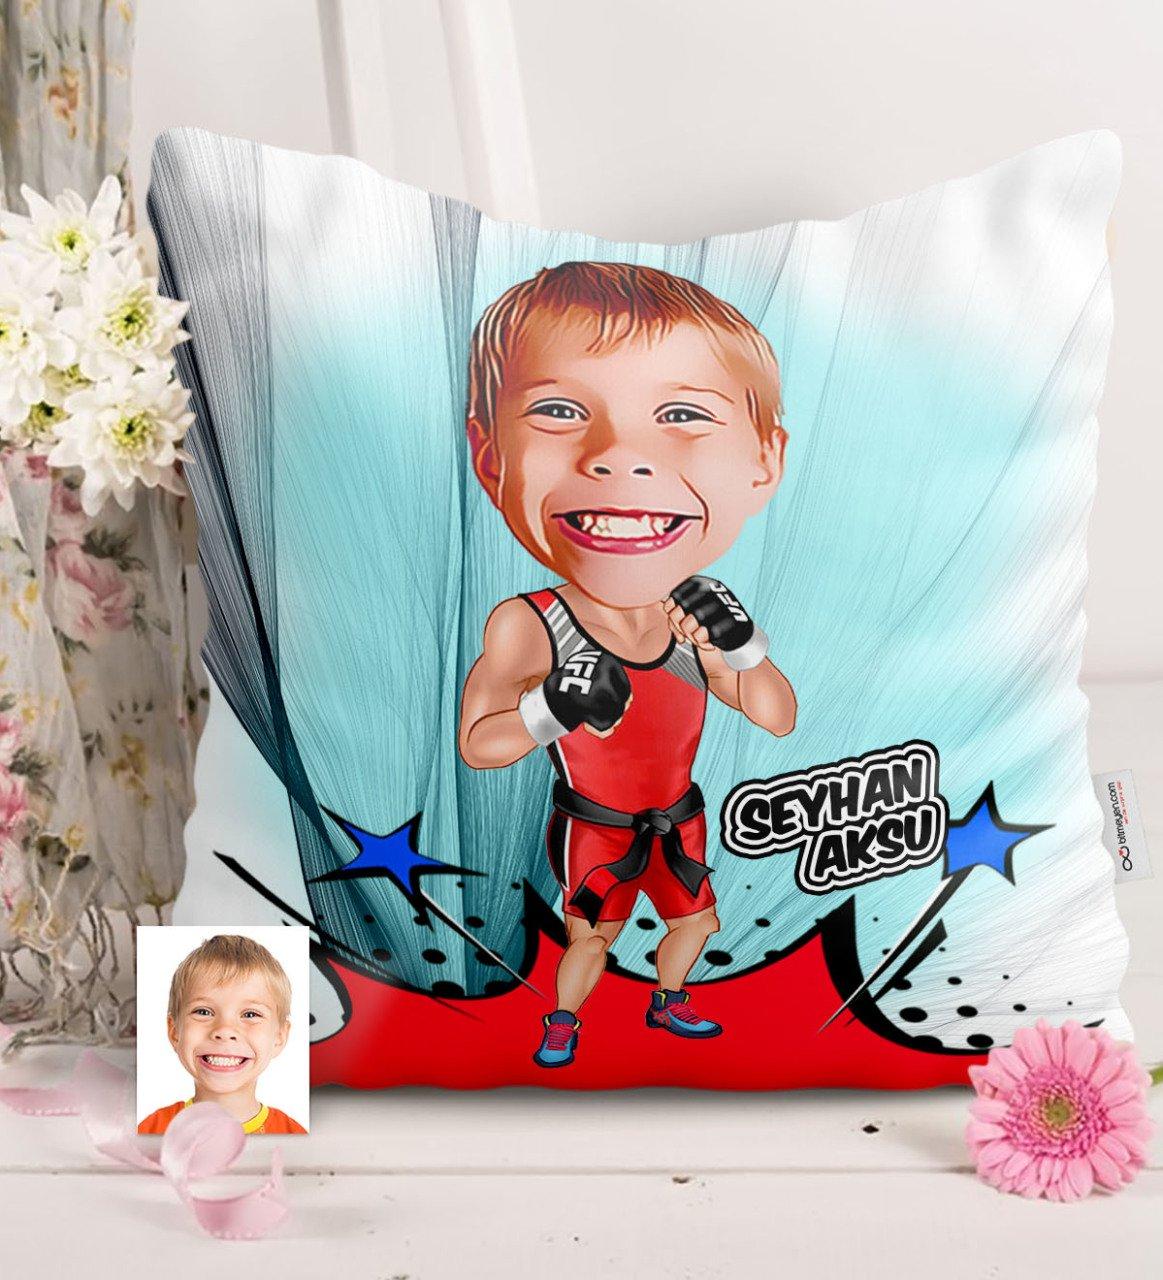 وسادة ساتان شخصية لملاكمة الركل للأطفال, وسادة من الحرير